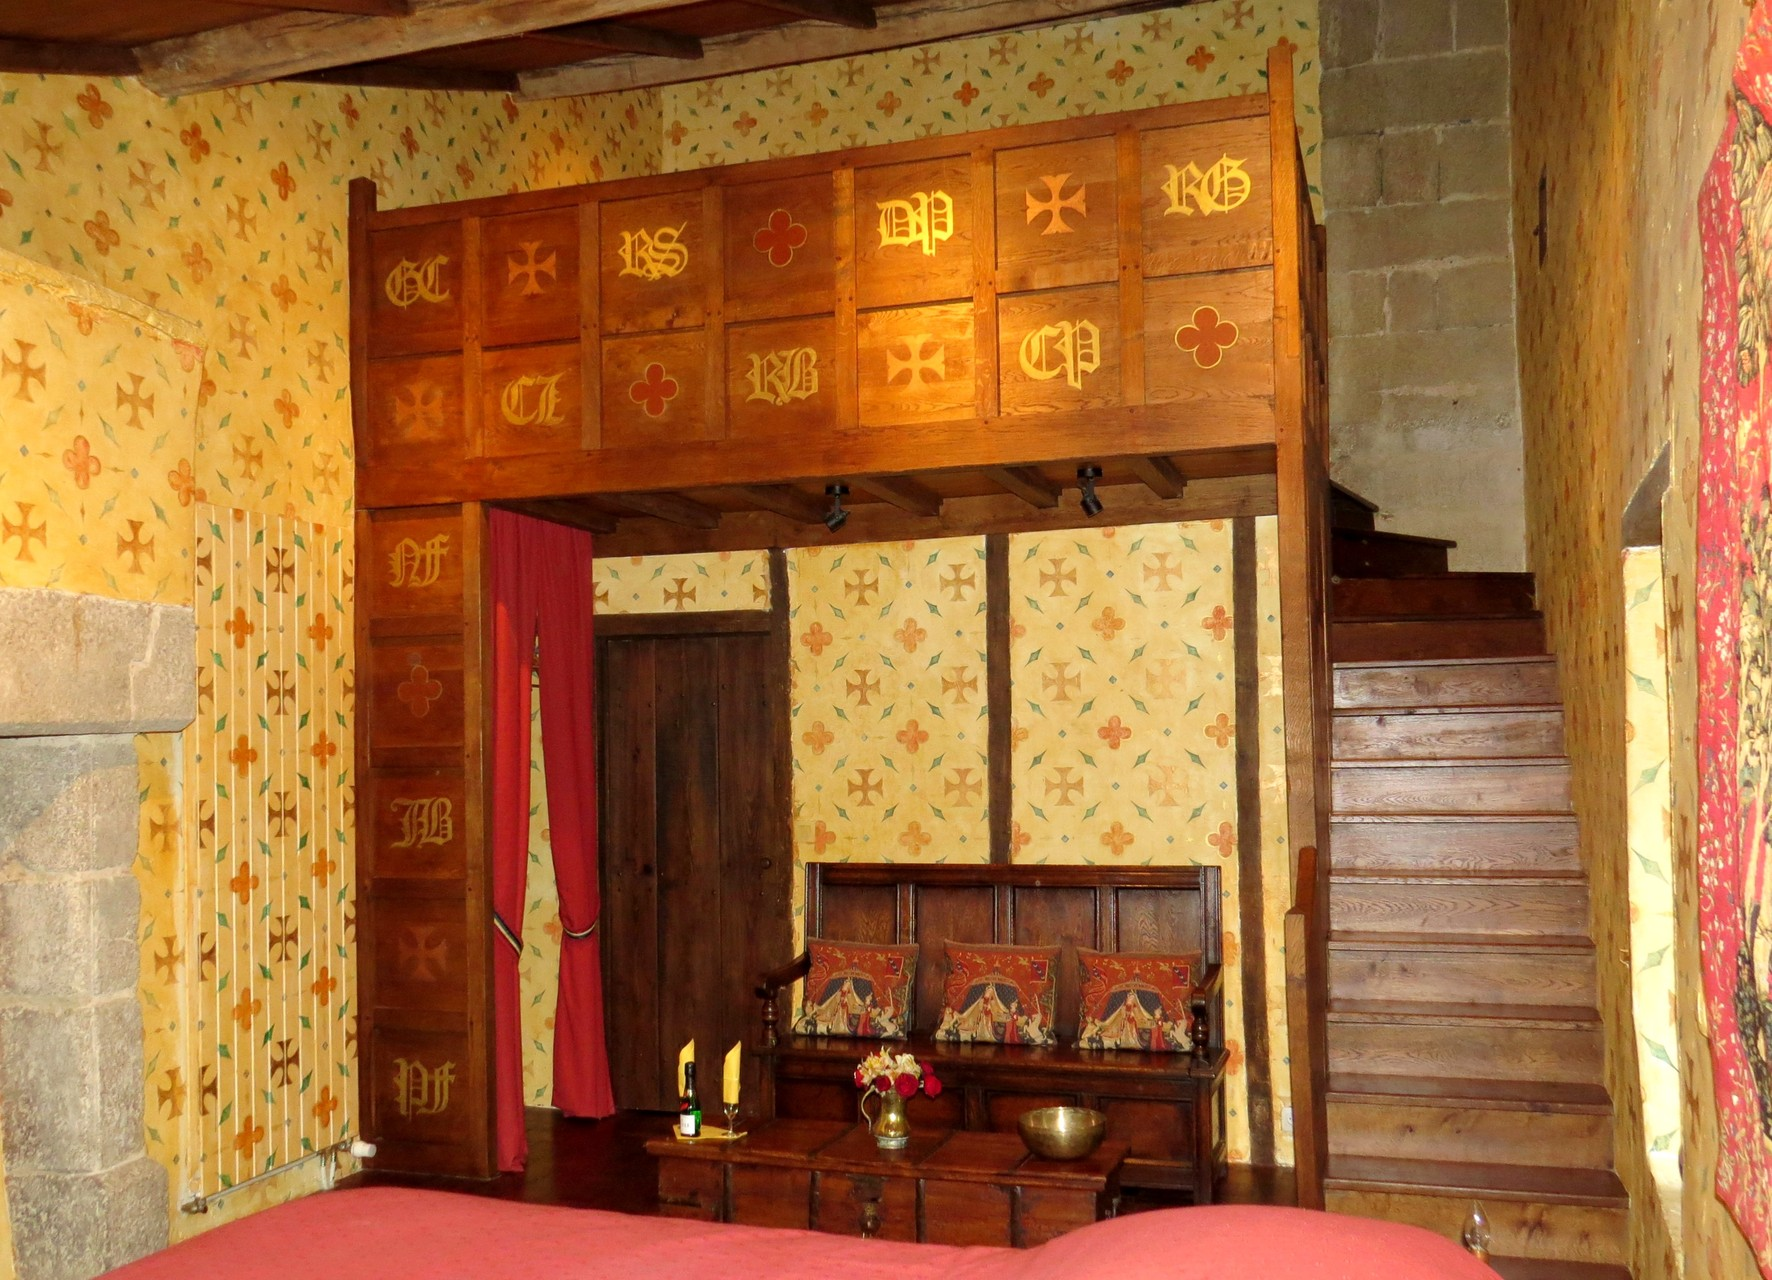 chambre médievale Suite chatelaine,  forteresse de Tennessus